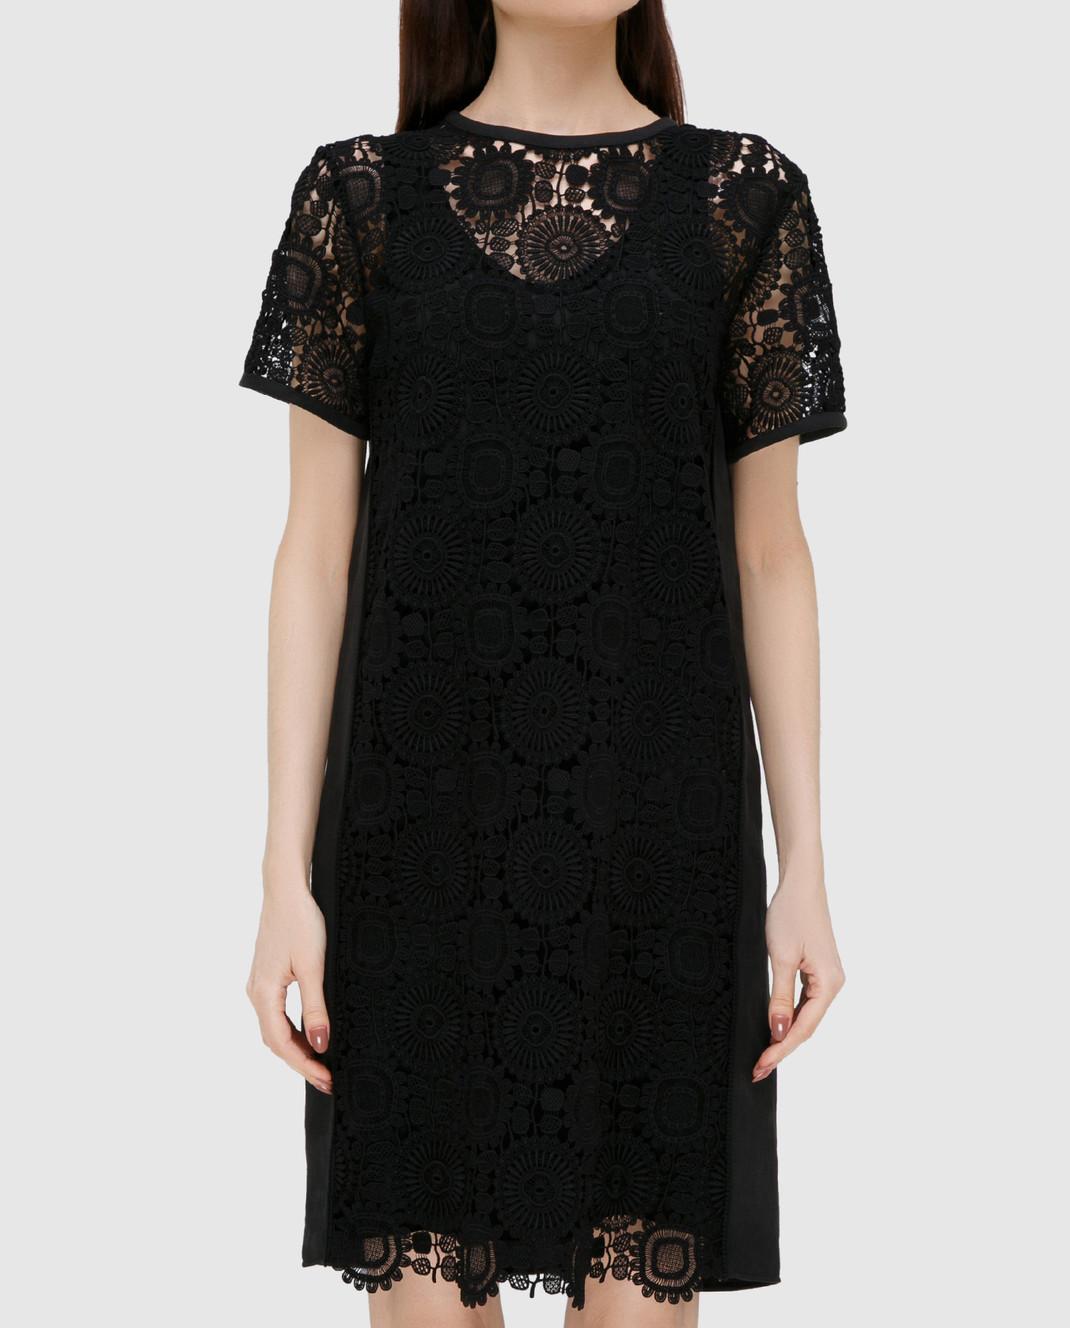 Chloe Черное платье из кружева 17SRO60 изображение 2